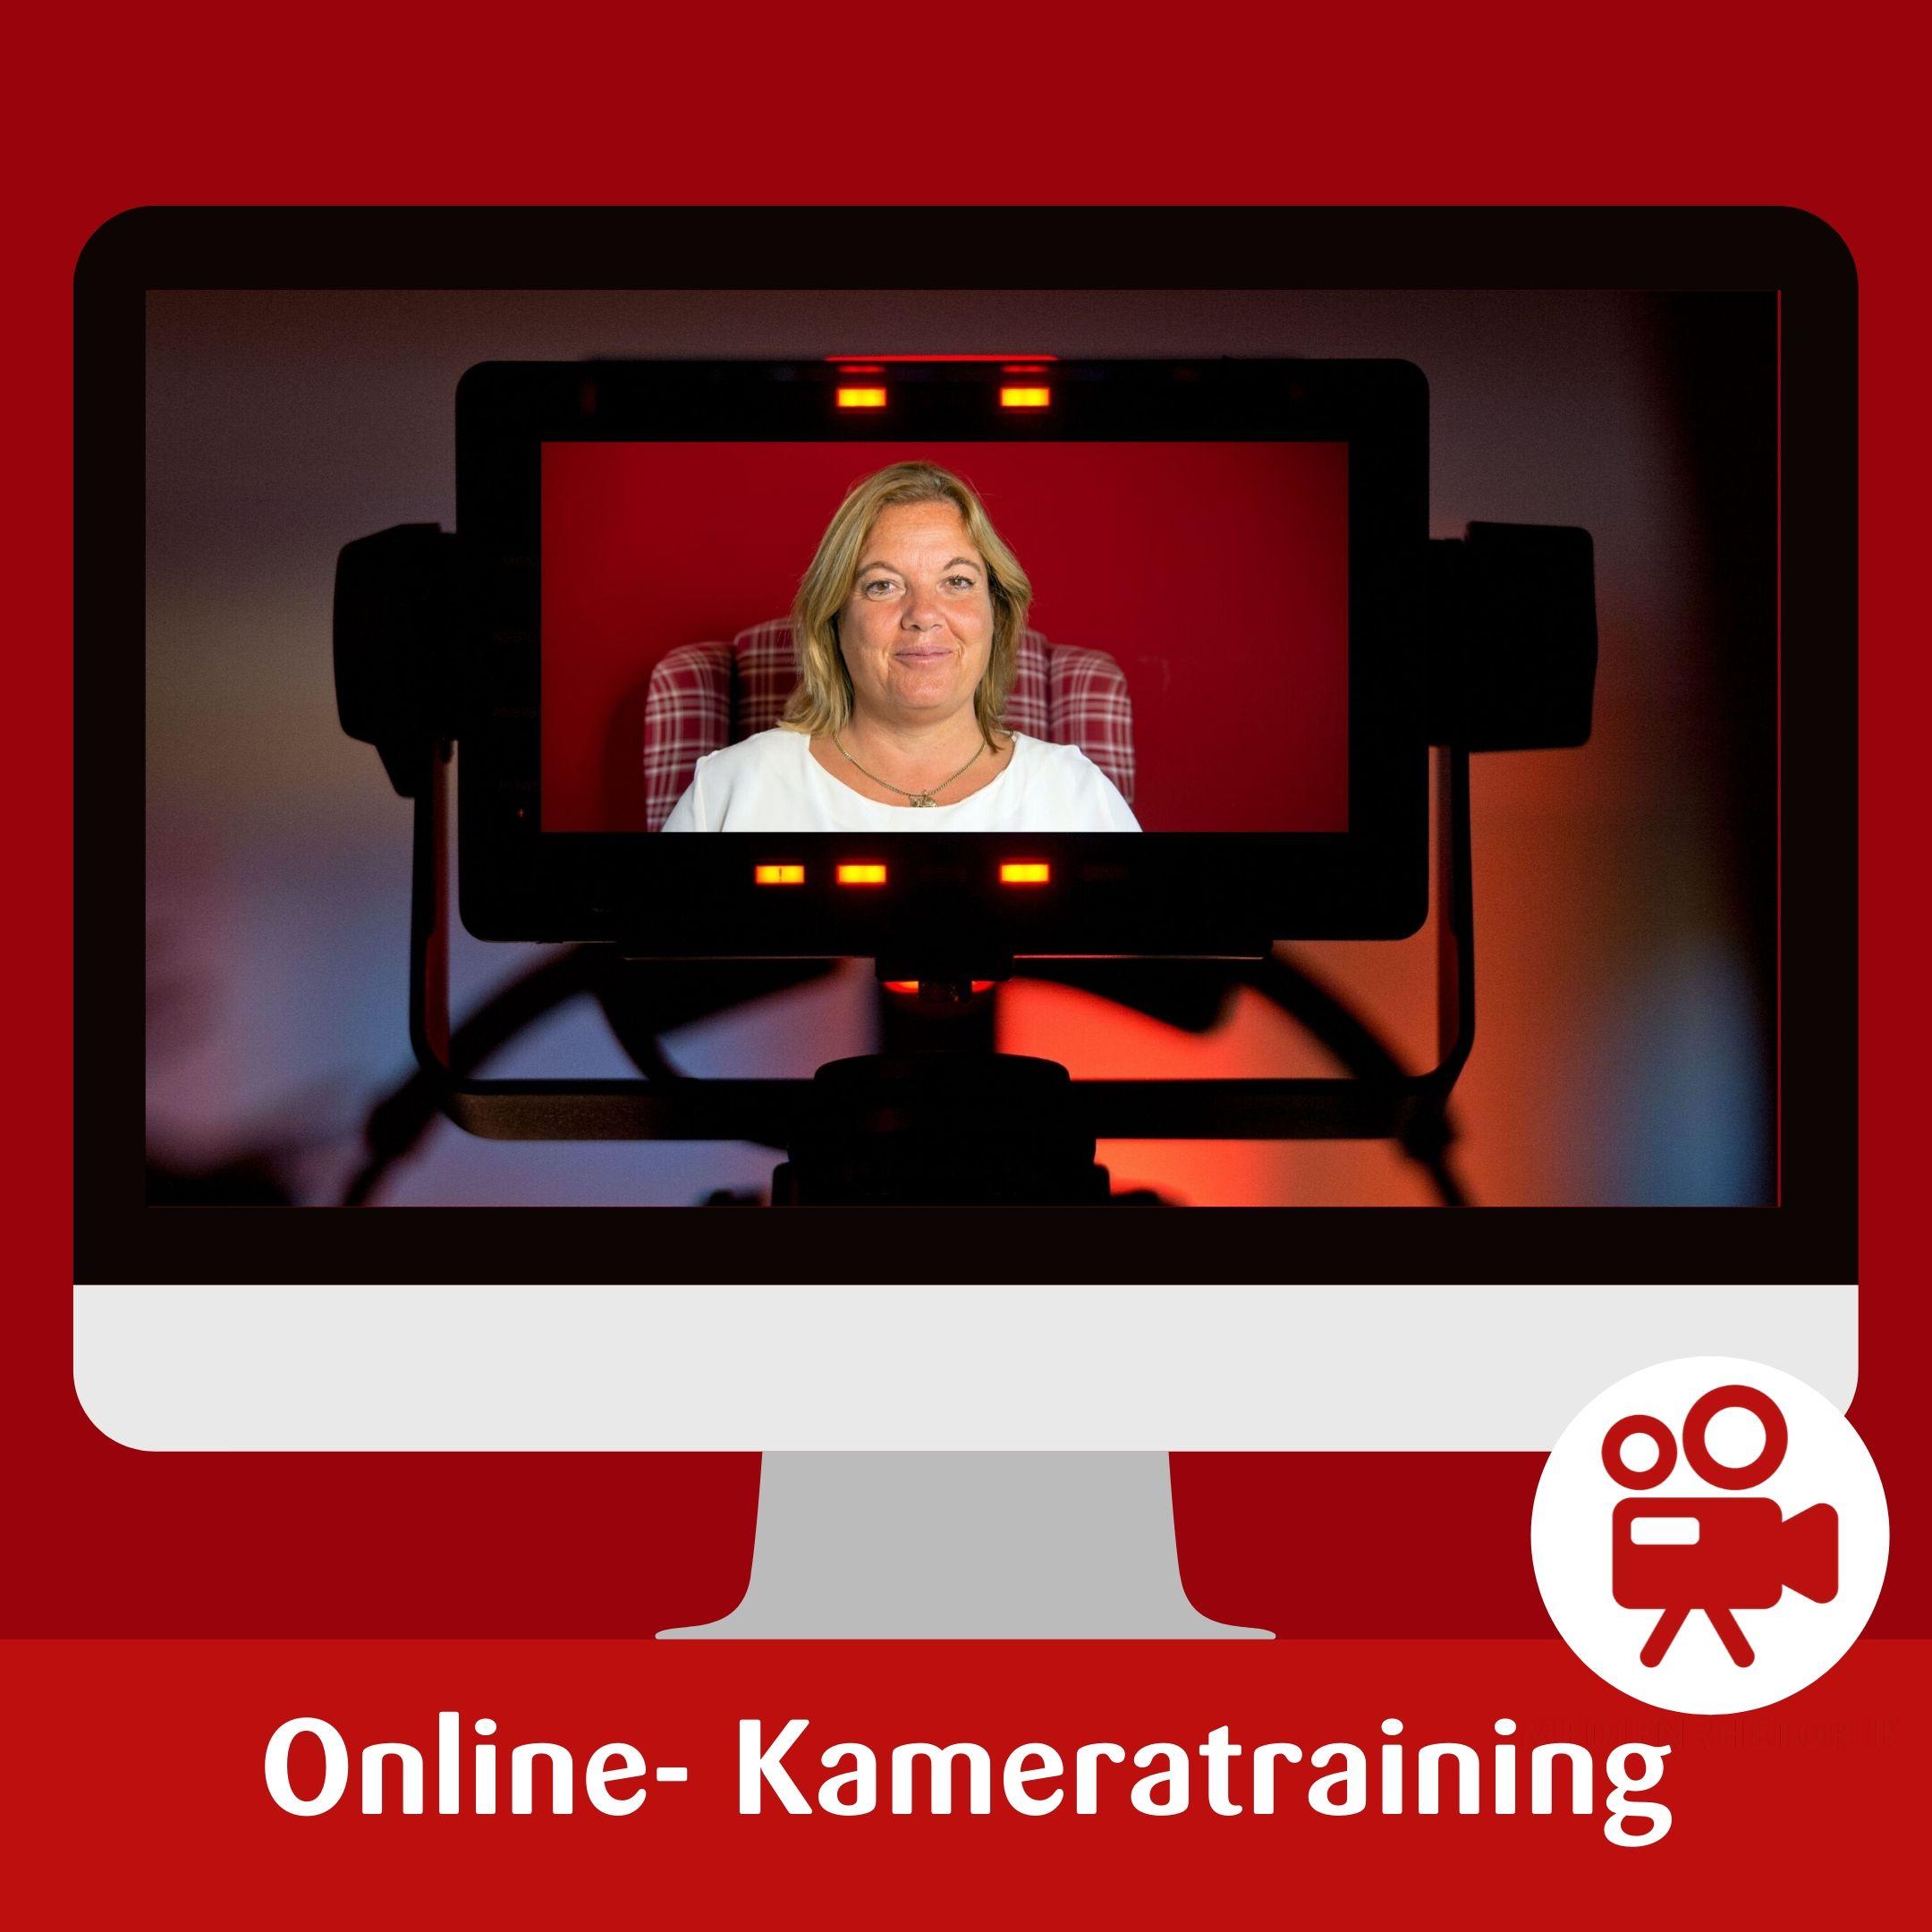 Online Kameratraining